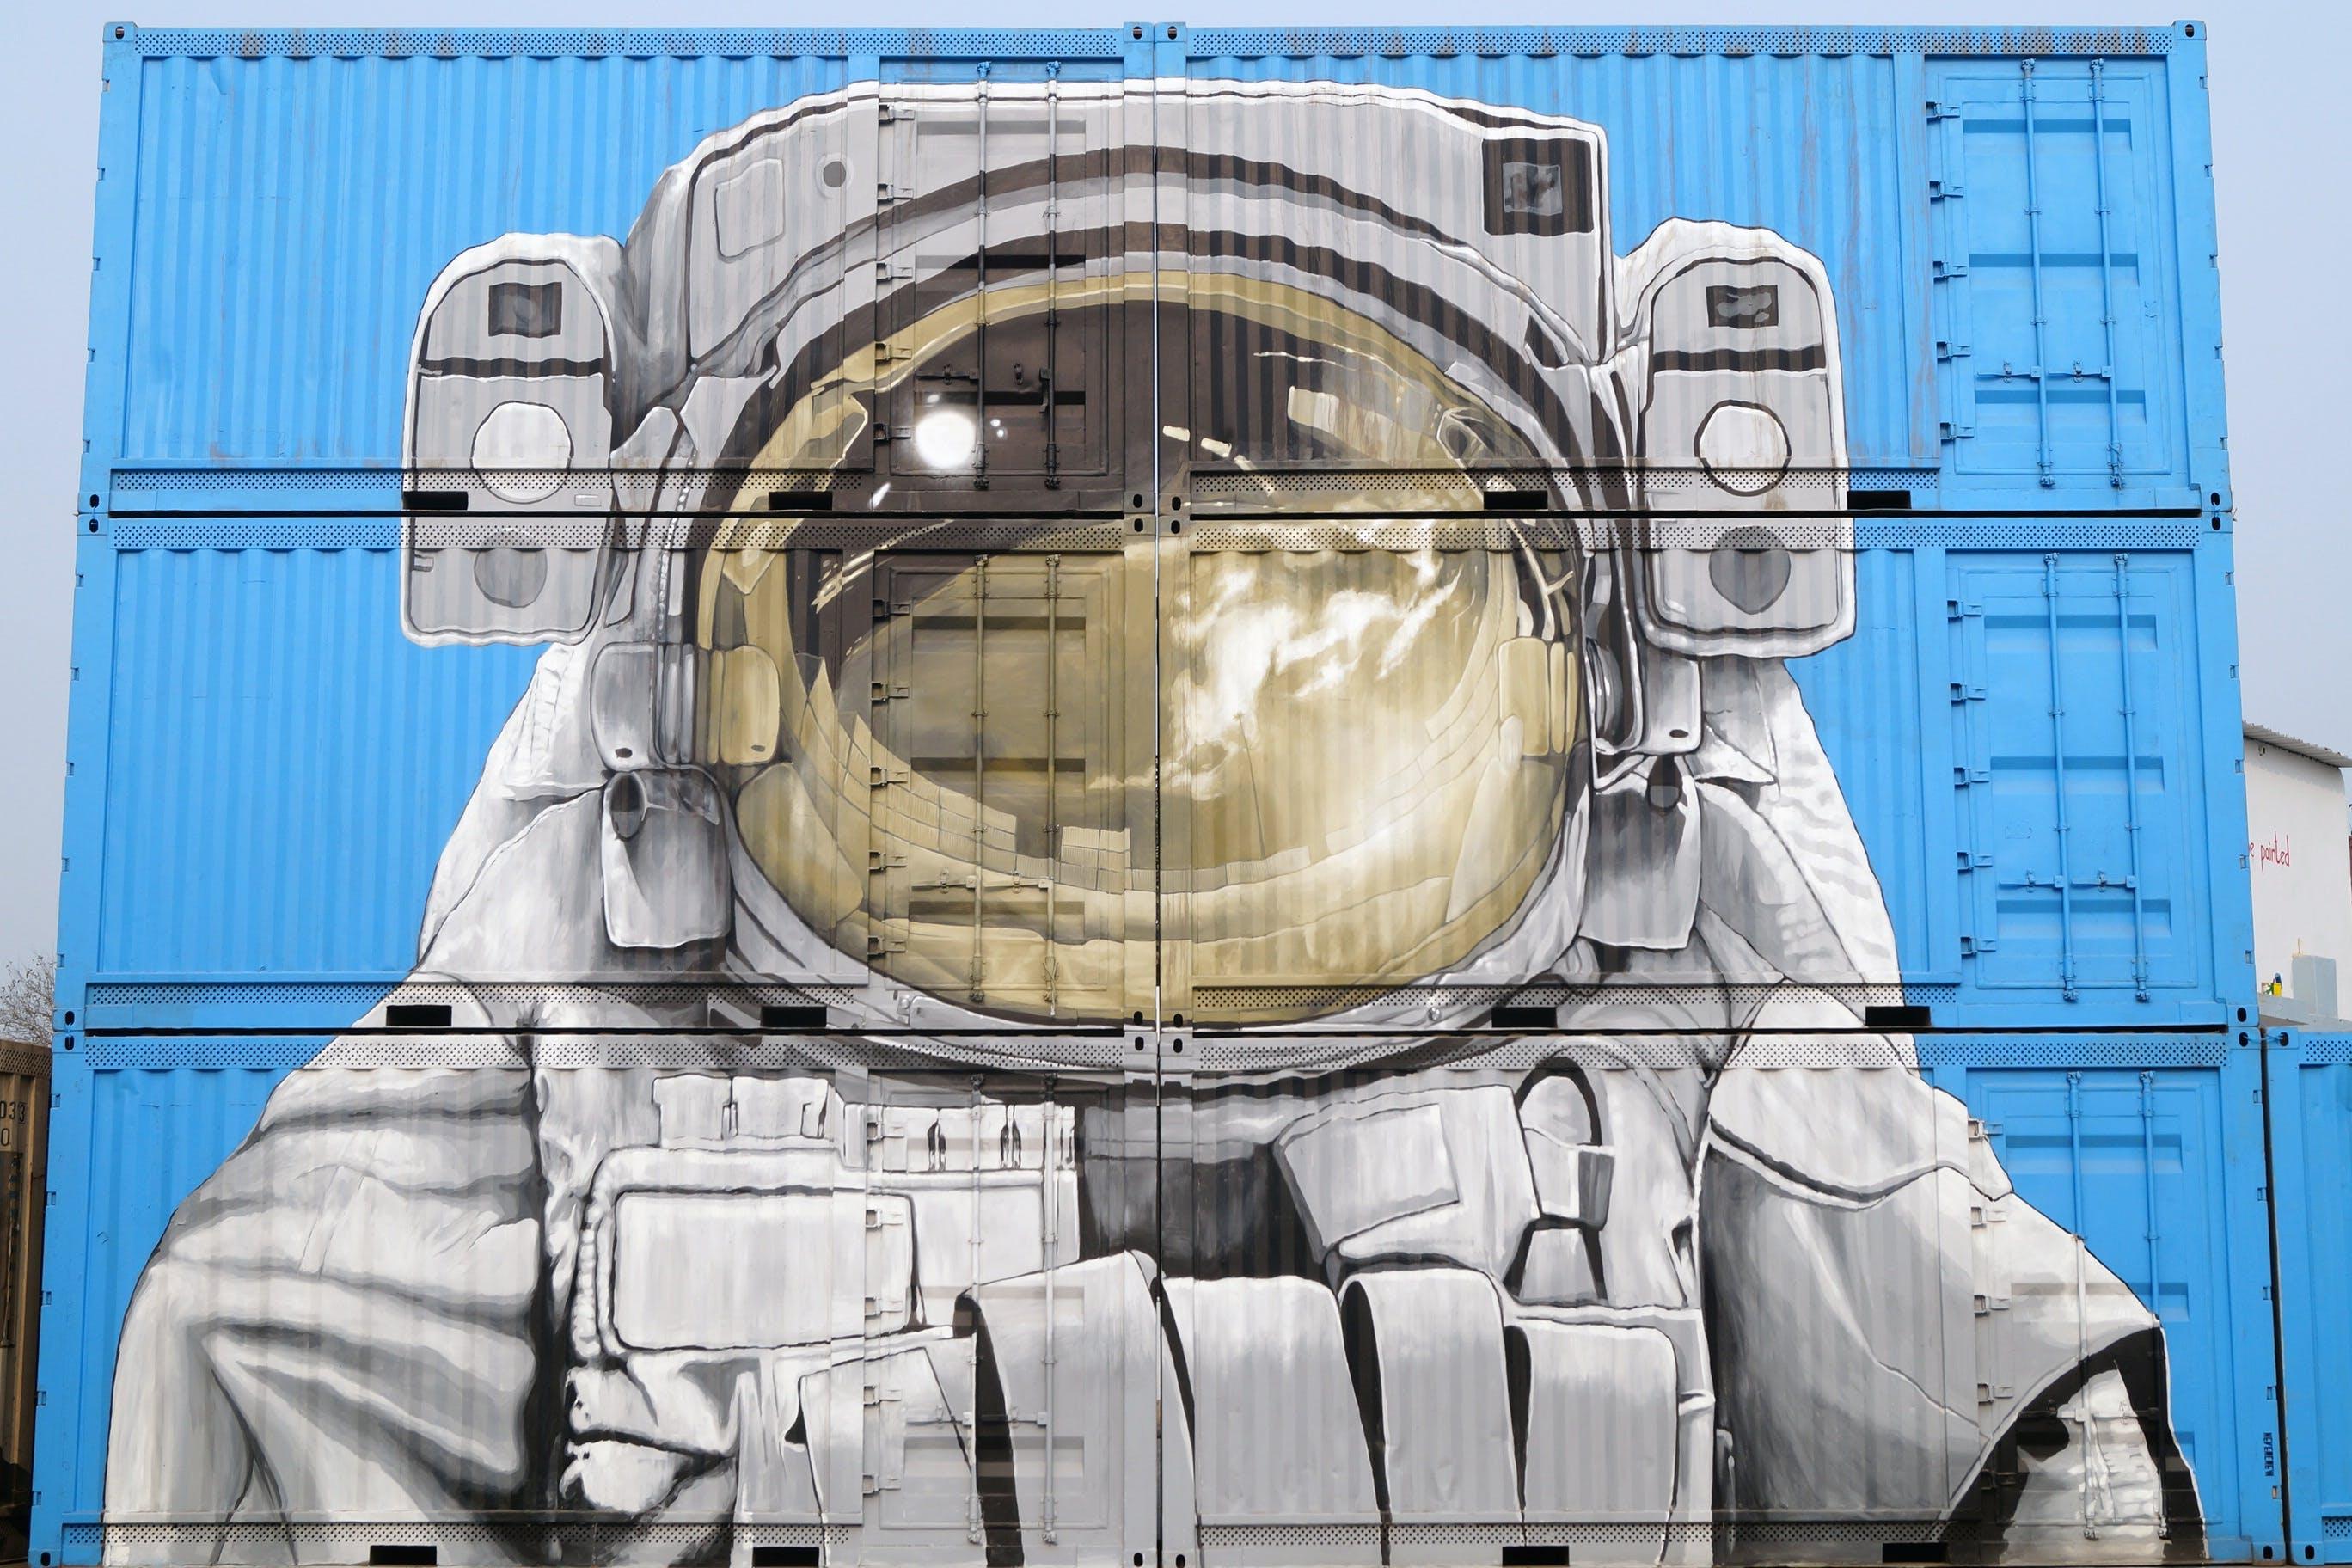 Foto profissional grátis de arquitetura, arte, artístico, astronauta